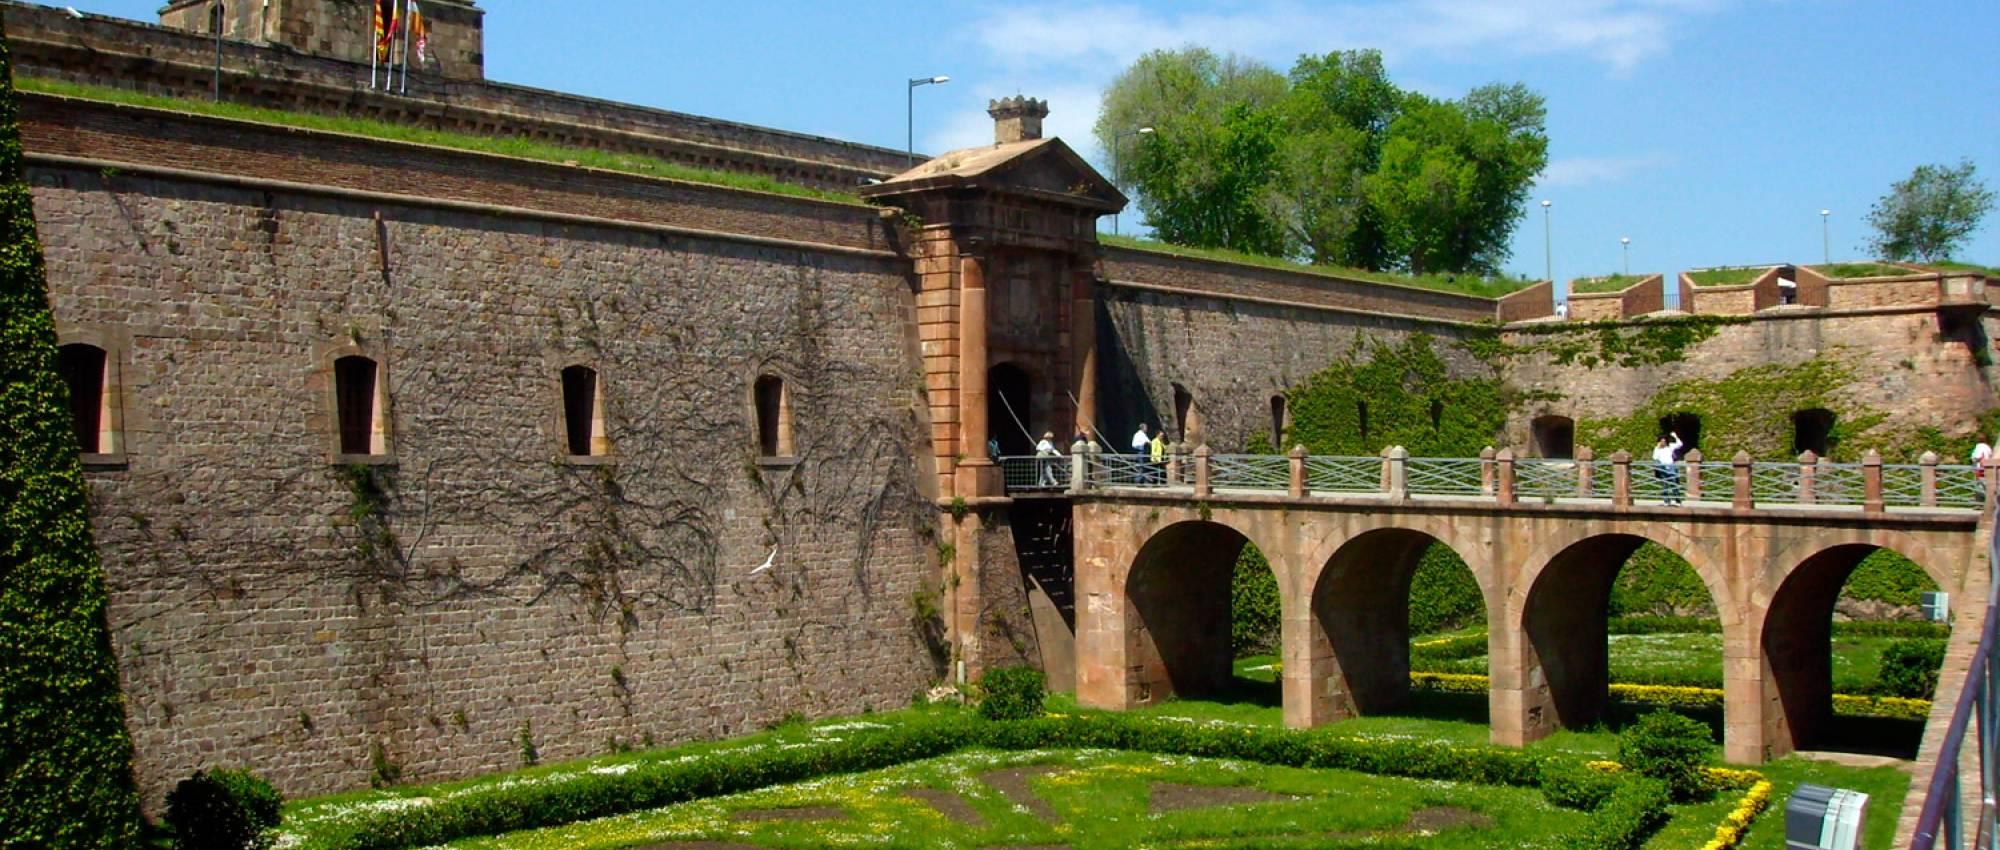 Foso de entrada del Castell de Montjuïc. Dominio público